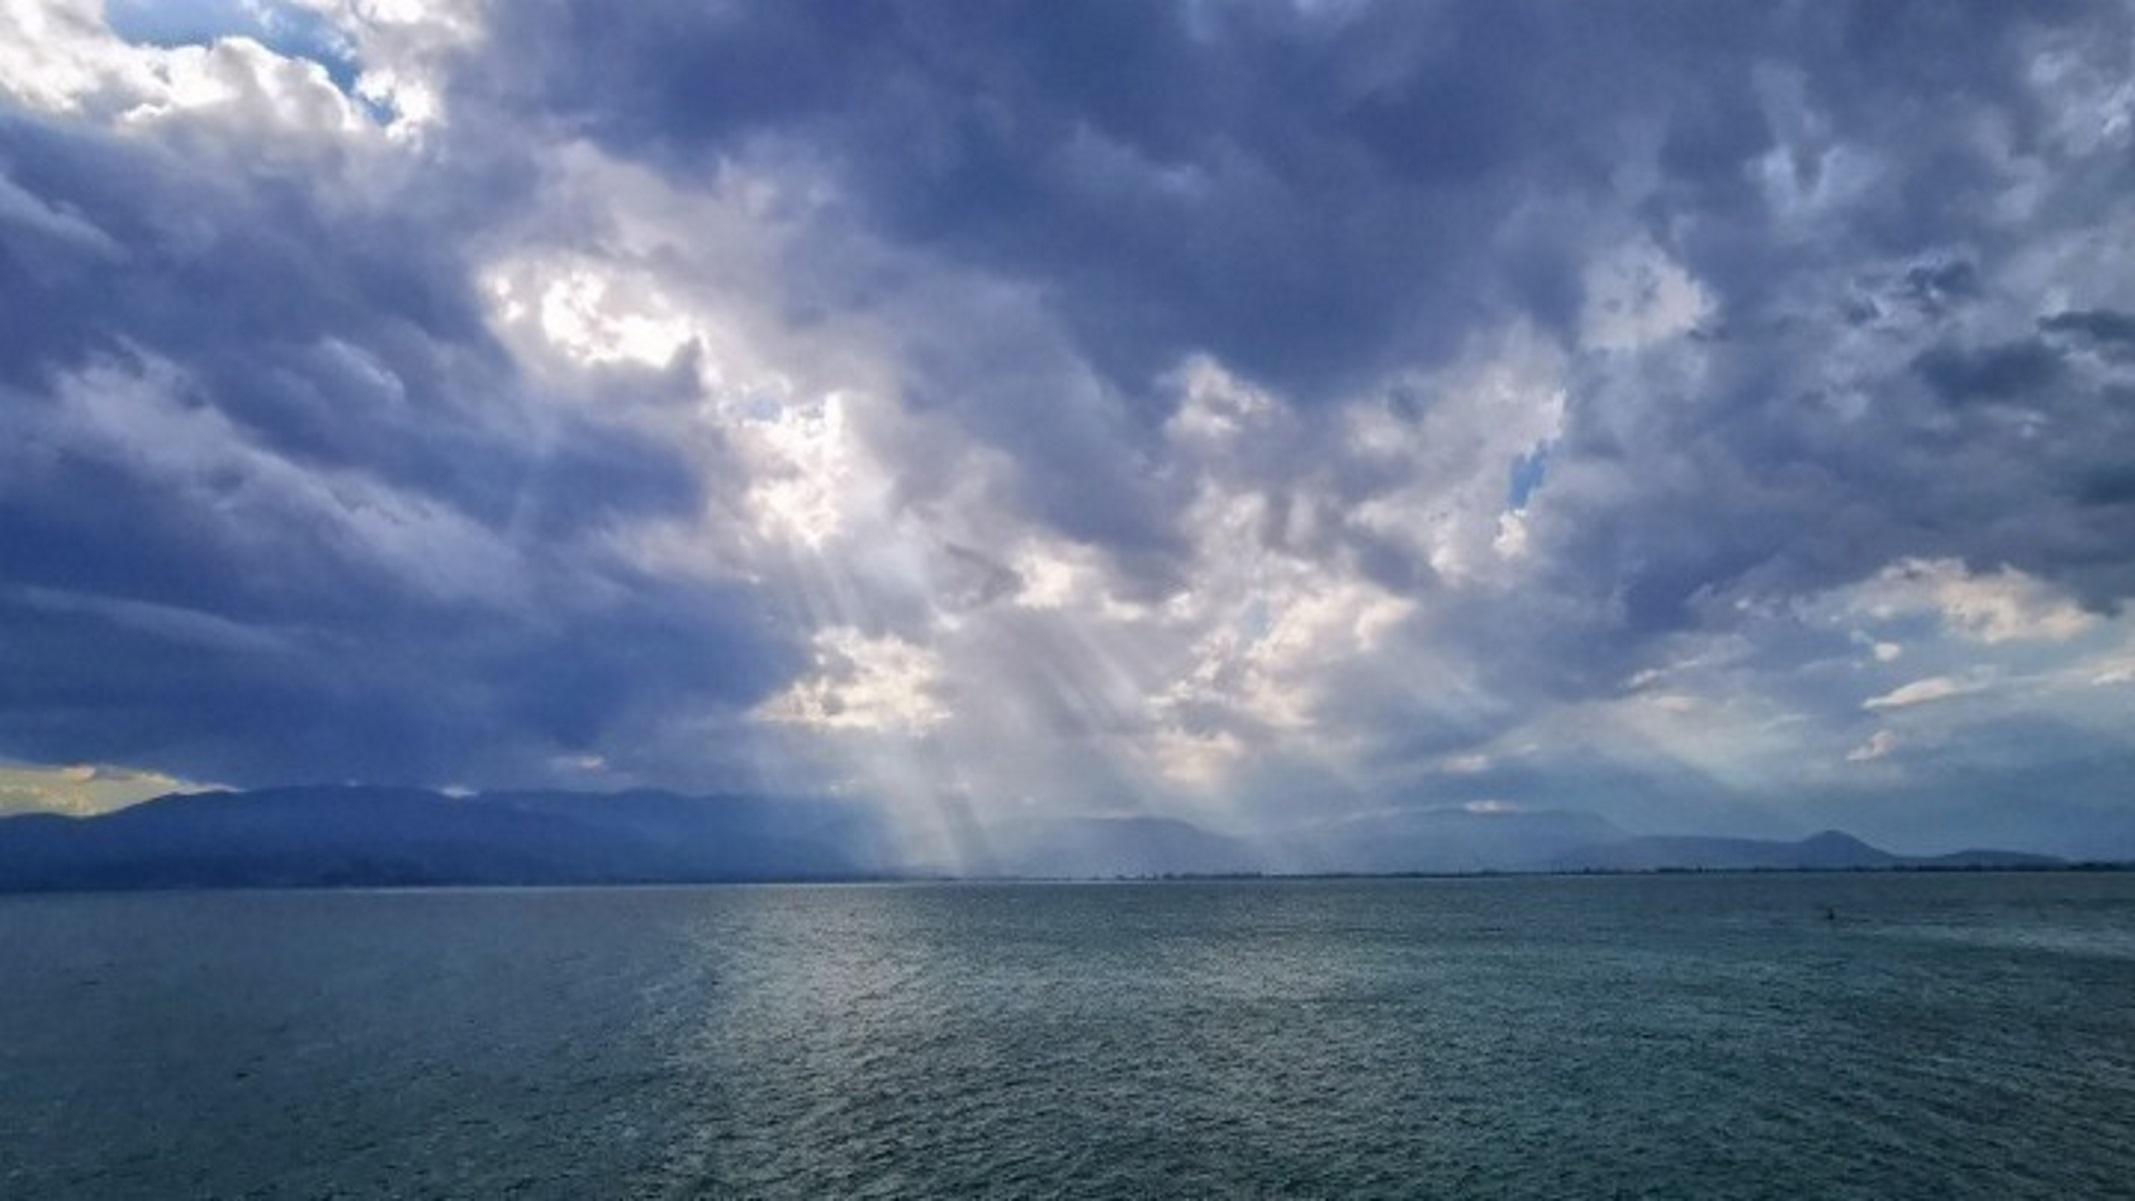 Καιρός αύριο: Καλοκαίρι ξανά – Ανεβαίνει ο υδράργυρος, πέφτουν τα μποφόρ